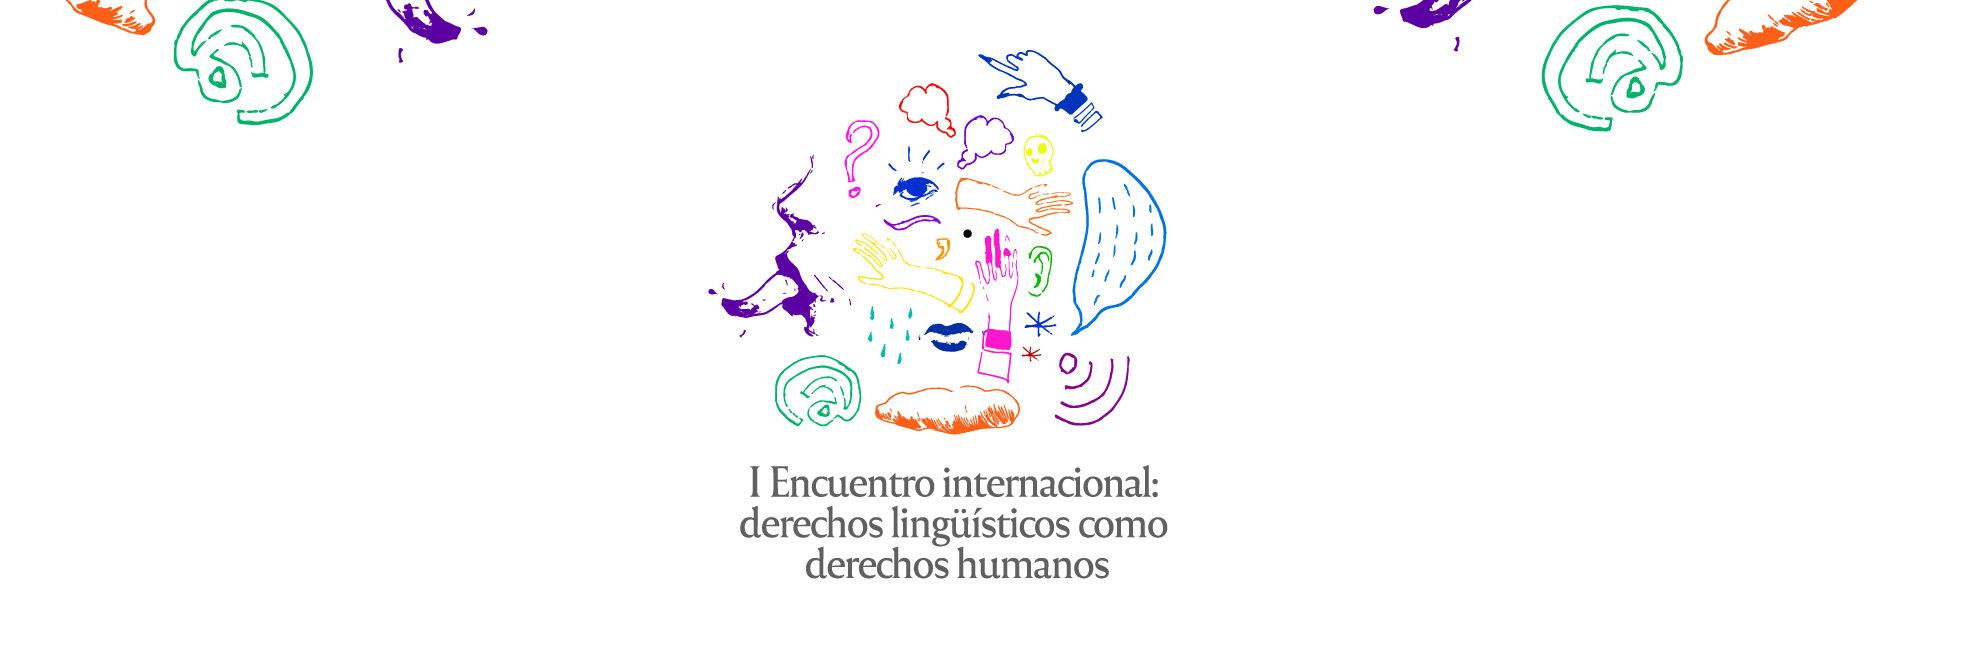 I Encuentro Internacional: derechos lingüisticos como derechos humanos